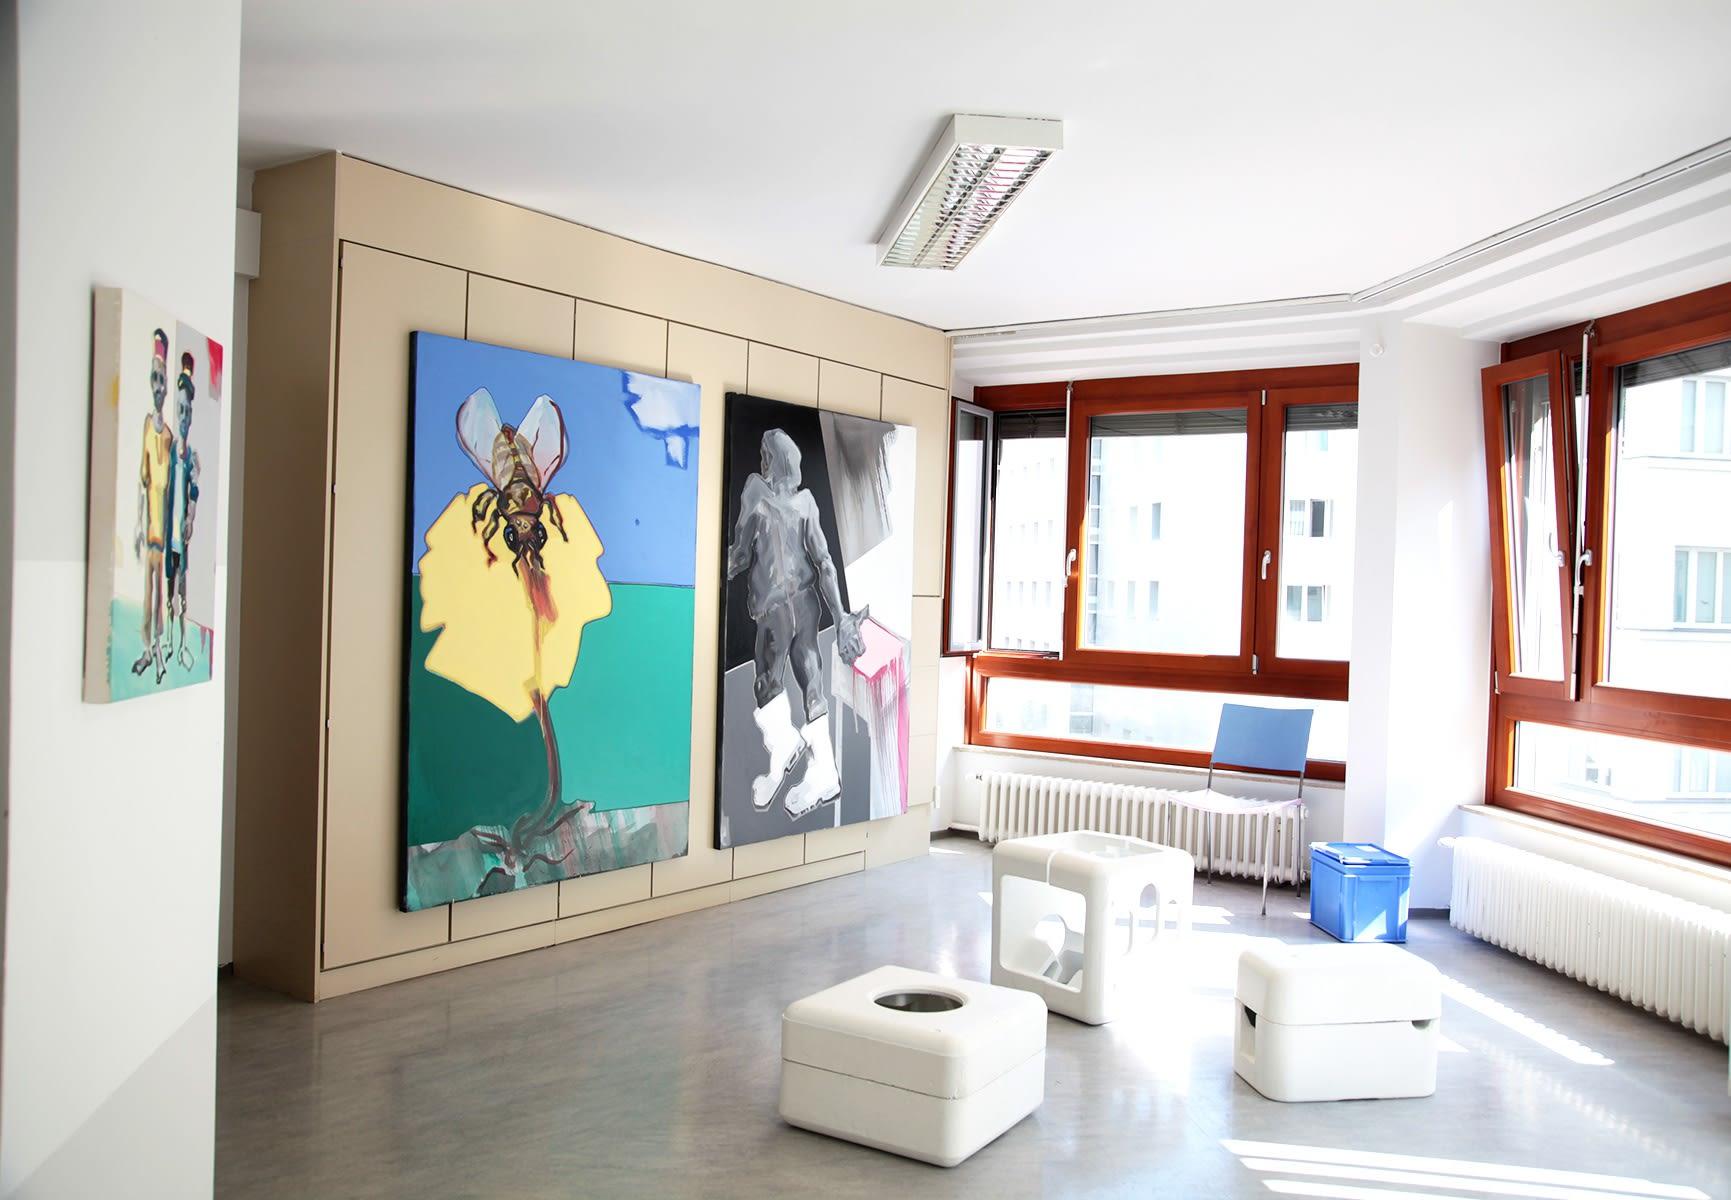 galerie thoman, Vienna, exhibition view